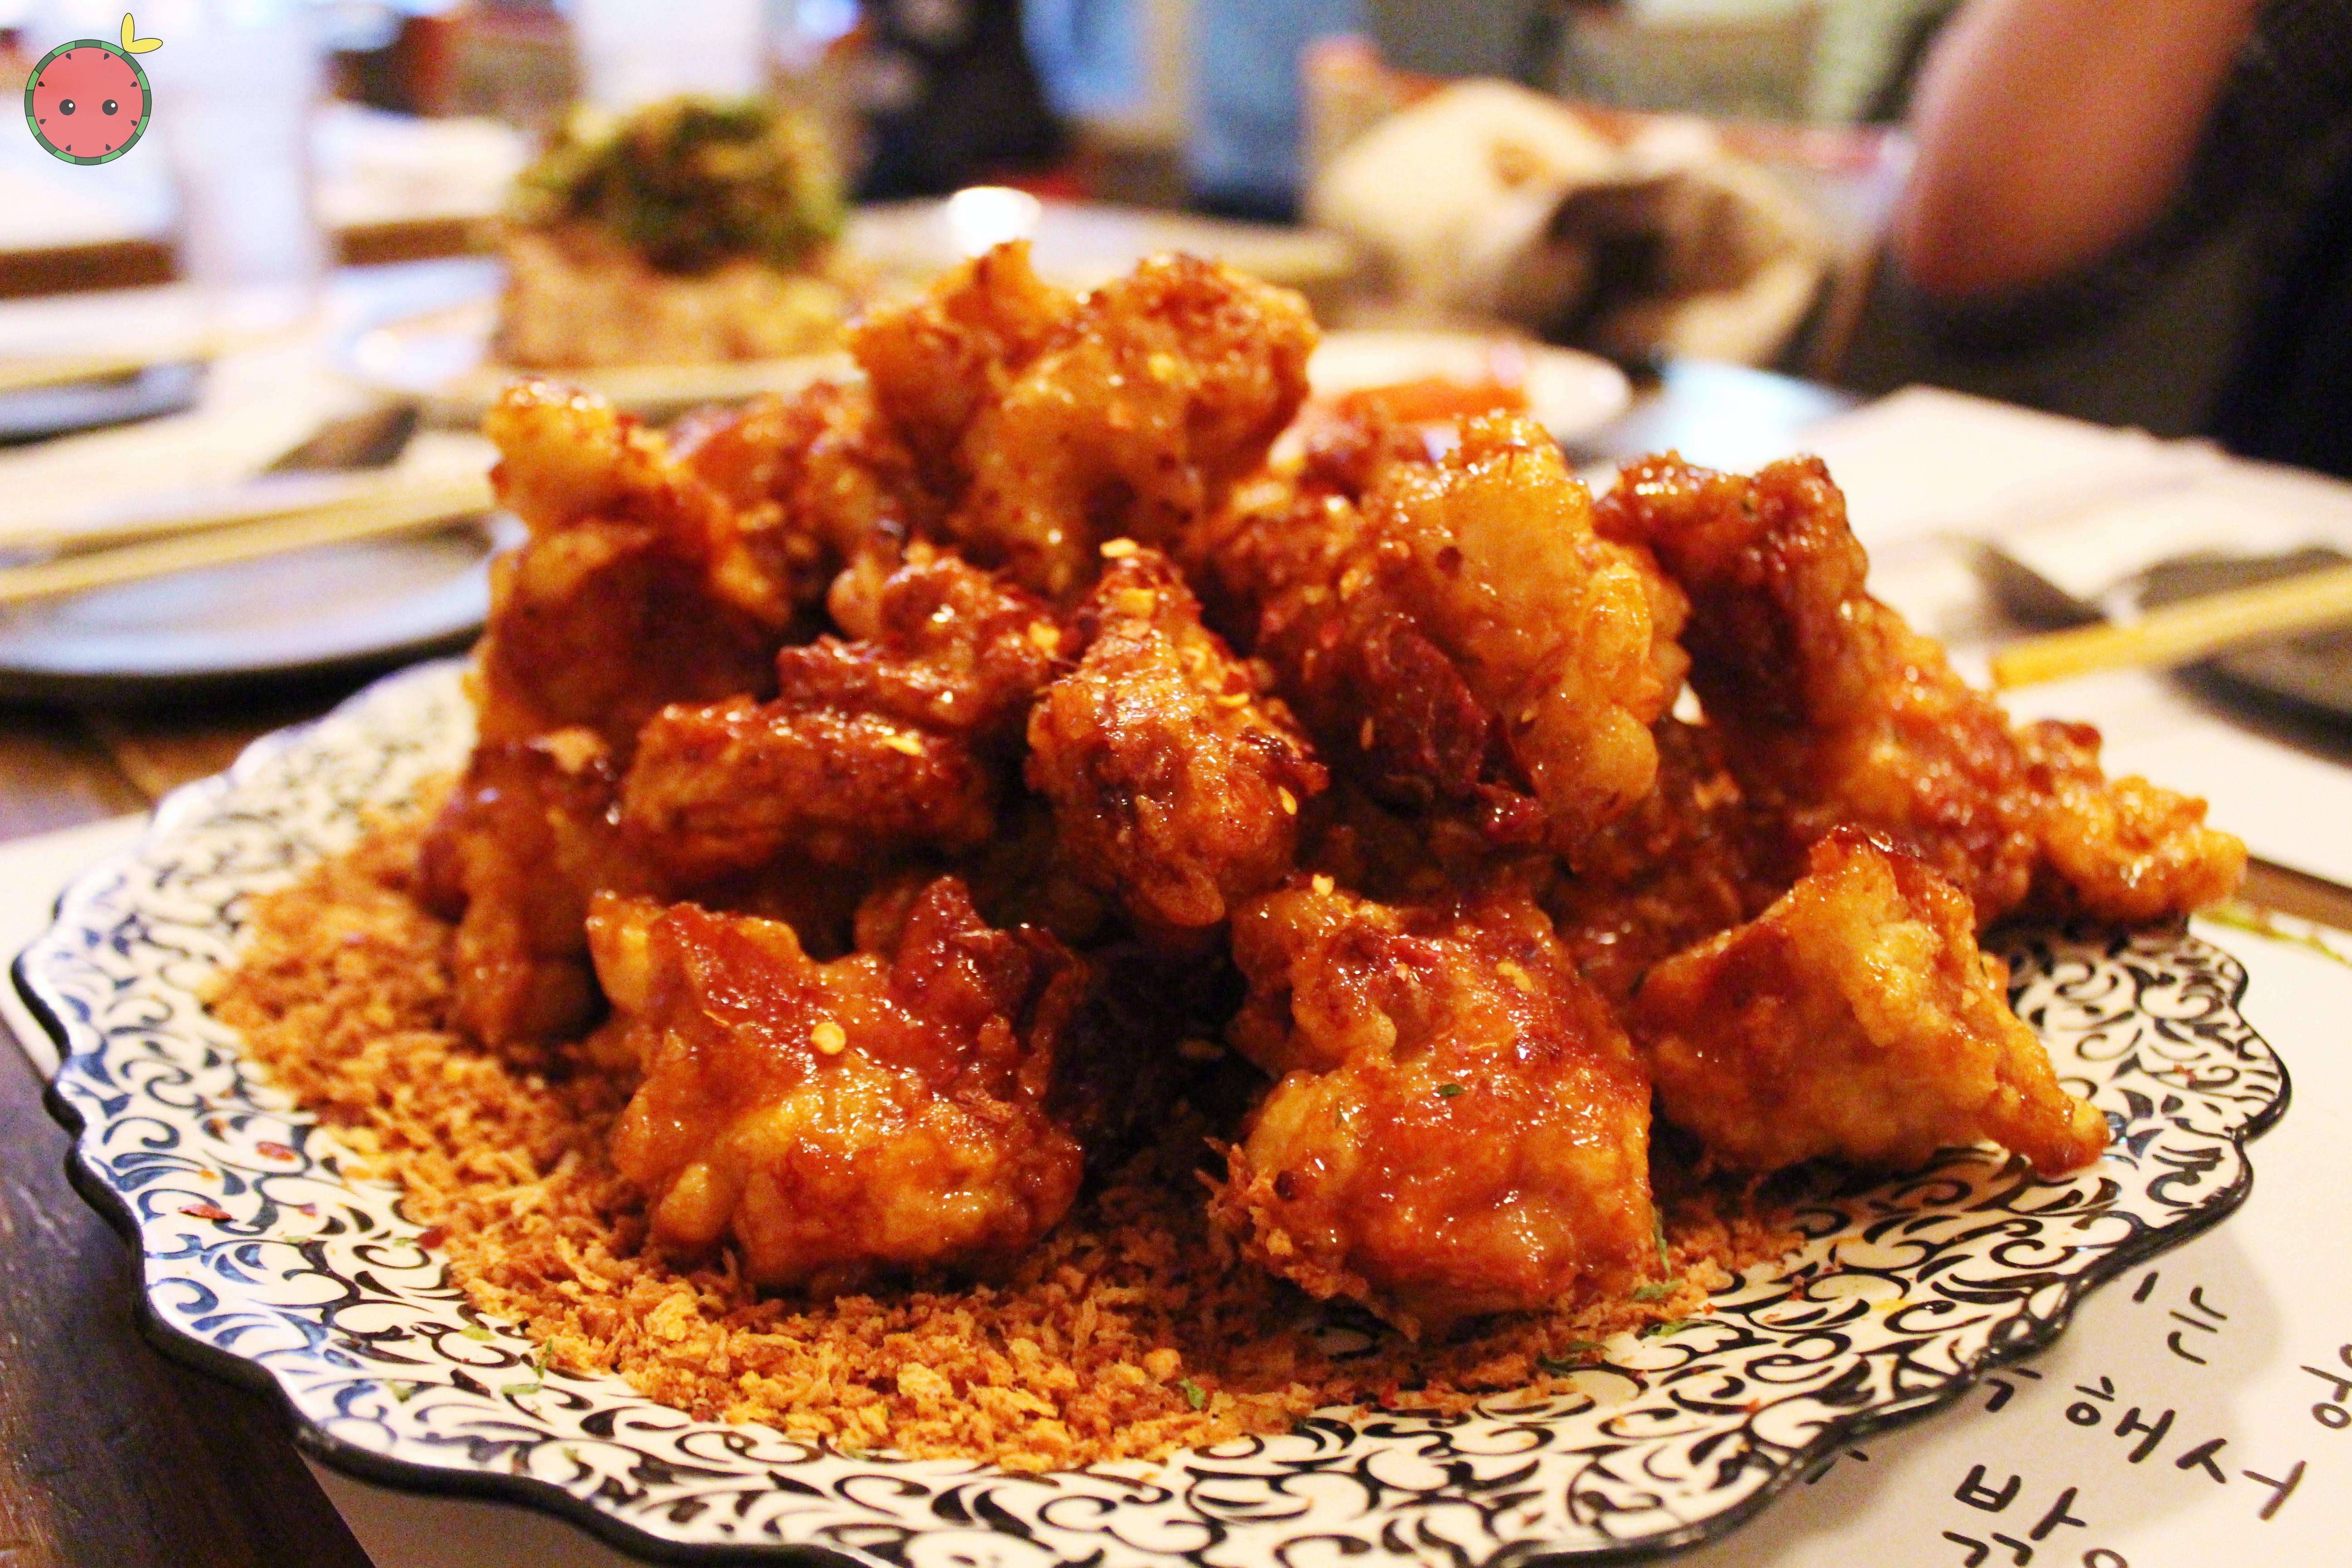 Spicy crispy chicken with garlic crust